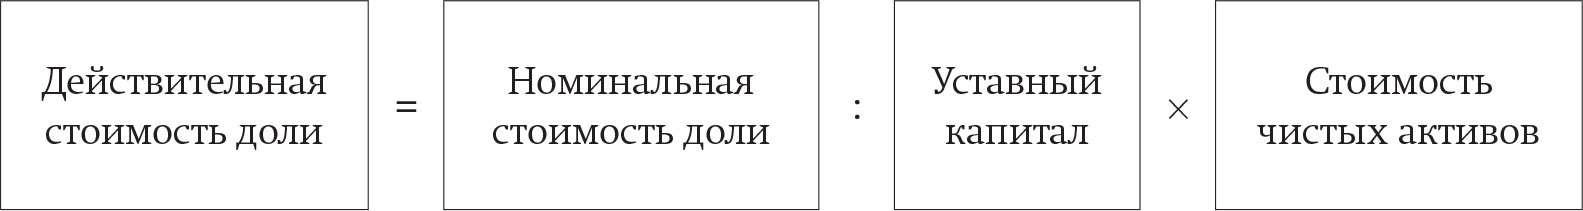 Заявление о выходе из состава учредителей ооо образец 2017